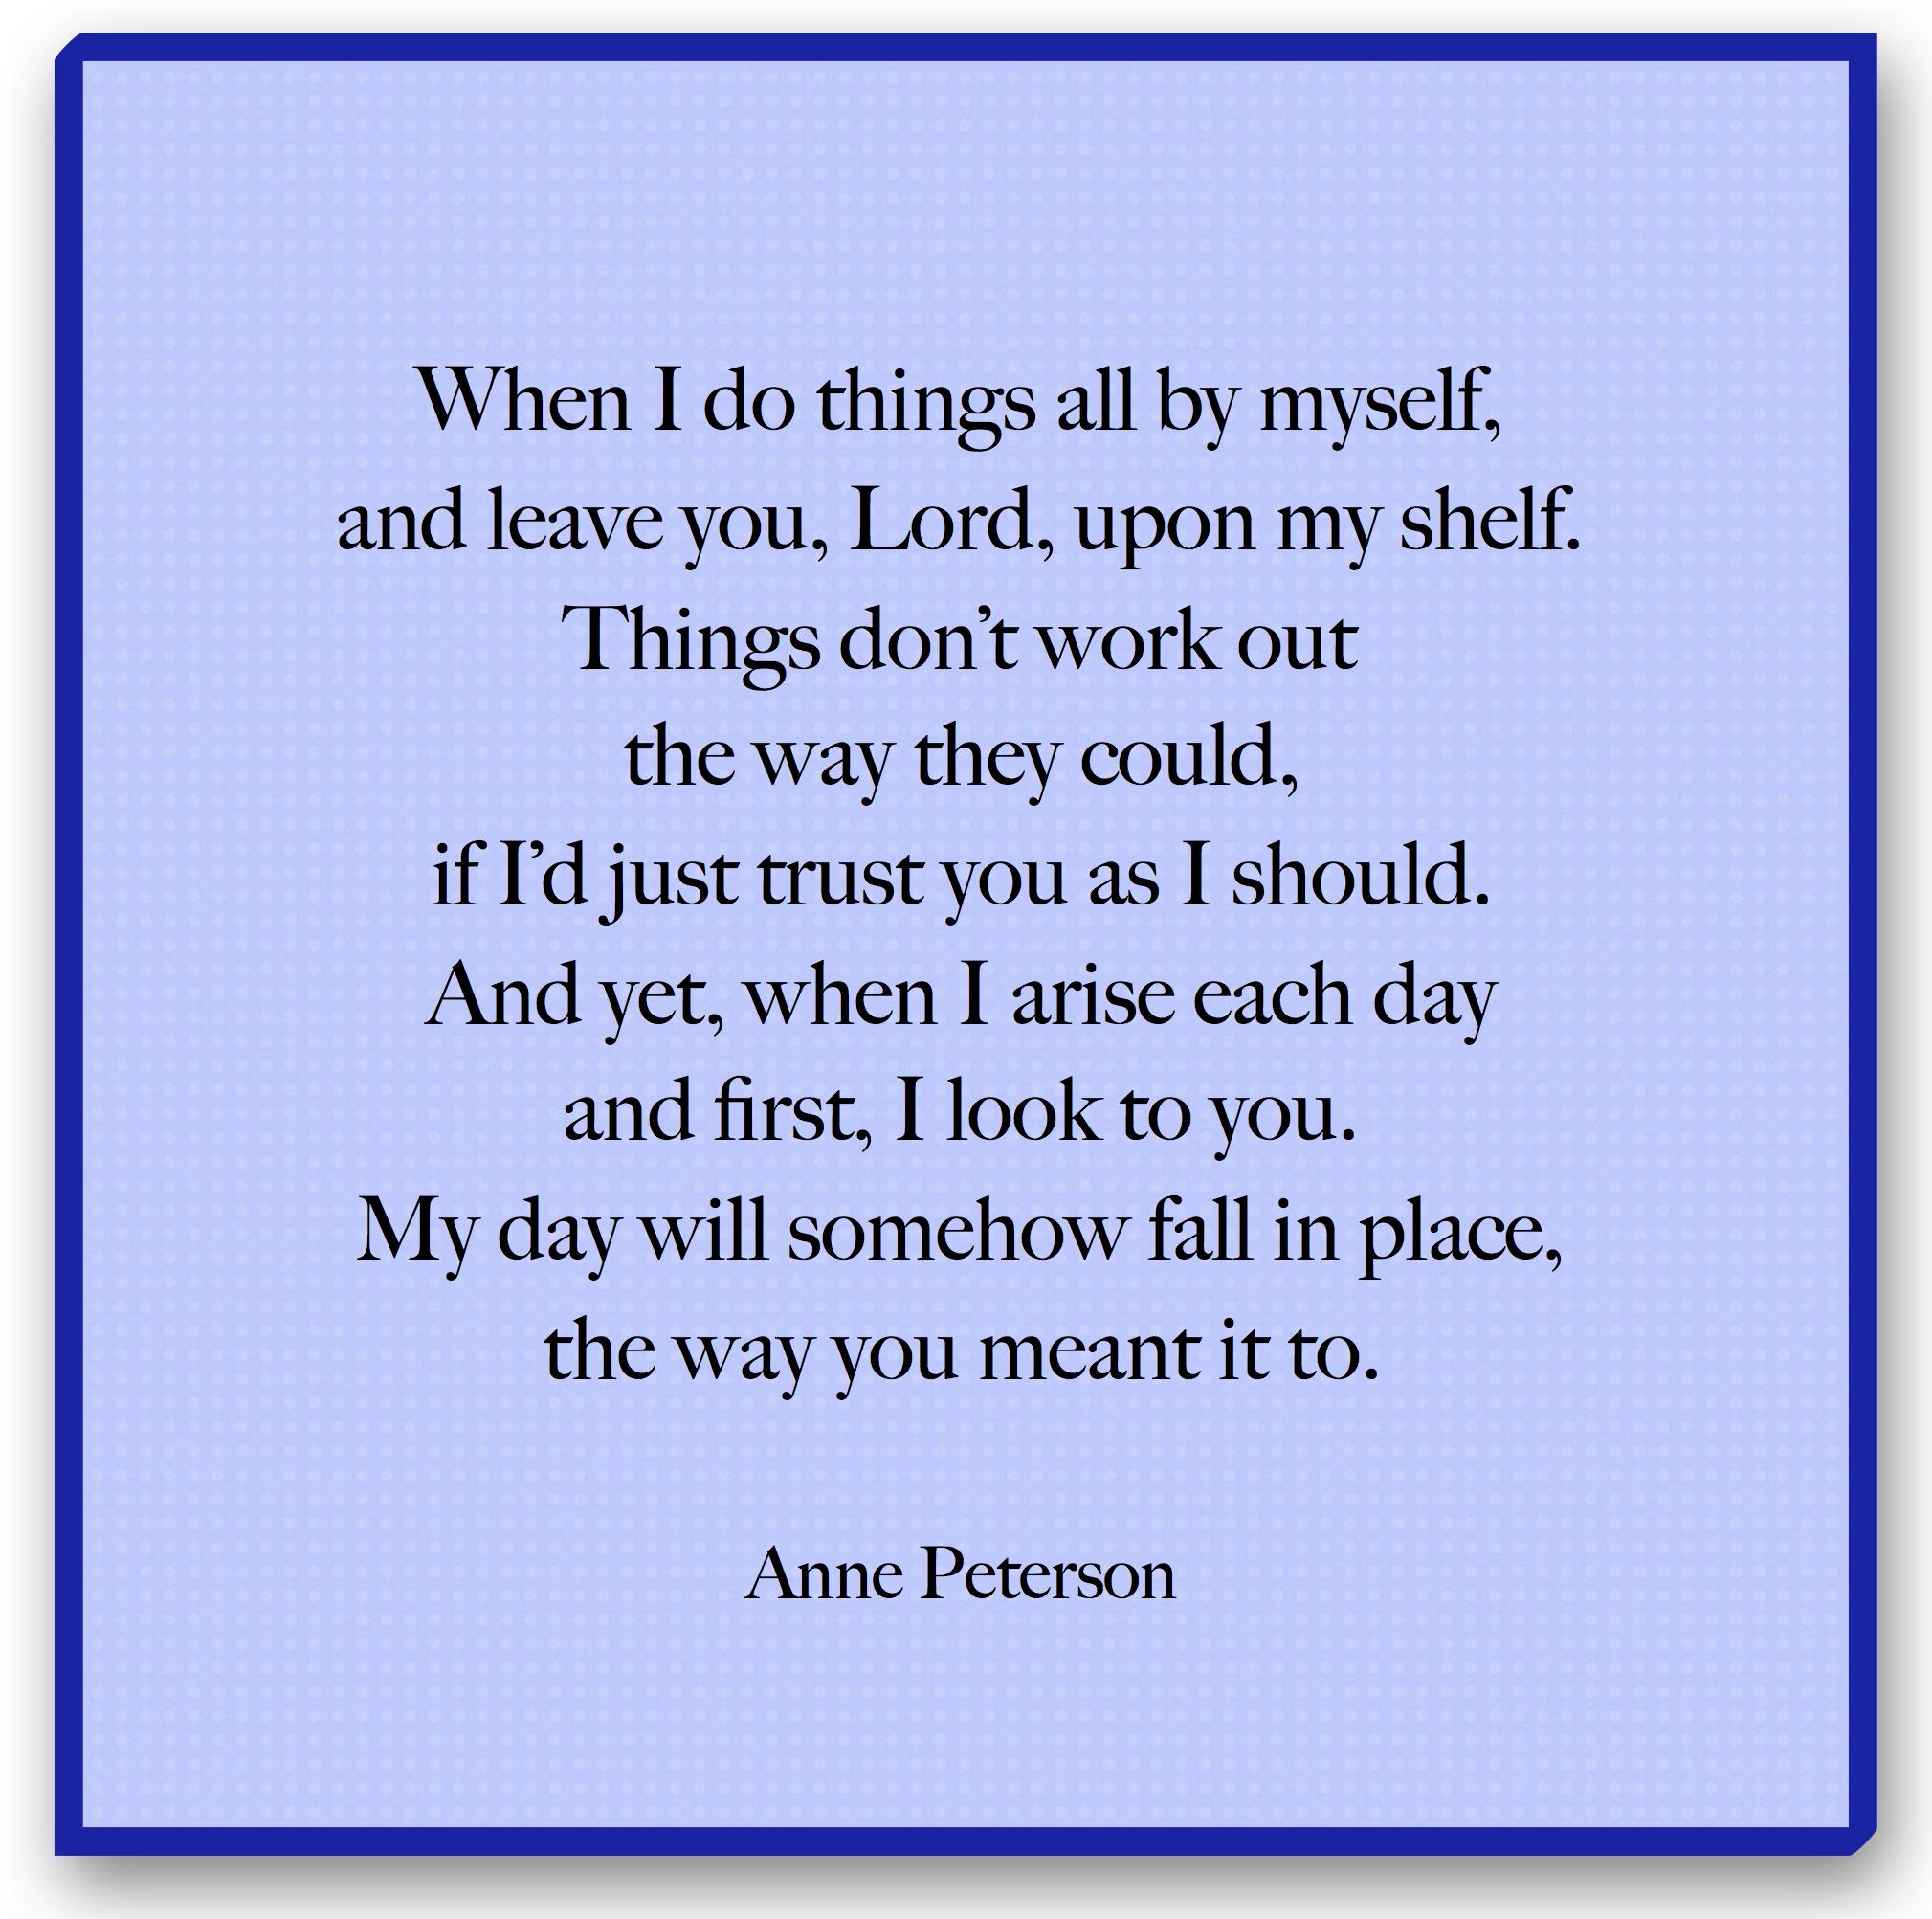 Seeking God first, trust, priorities, poetry, Anne Peterson